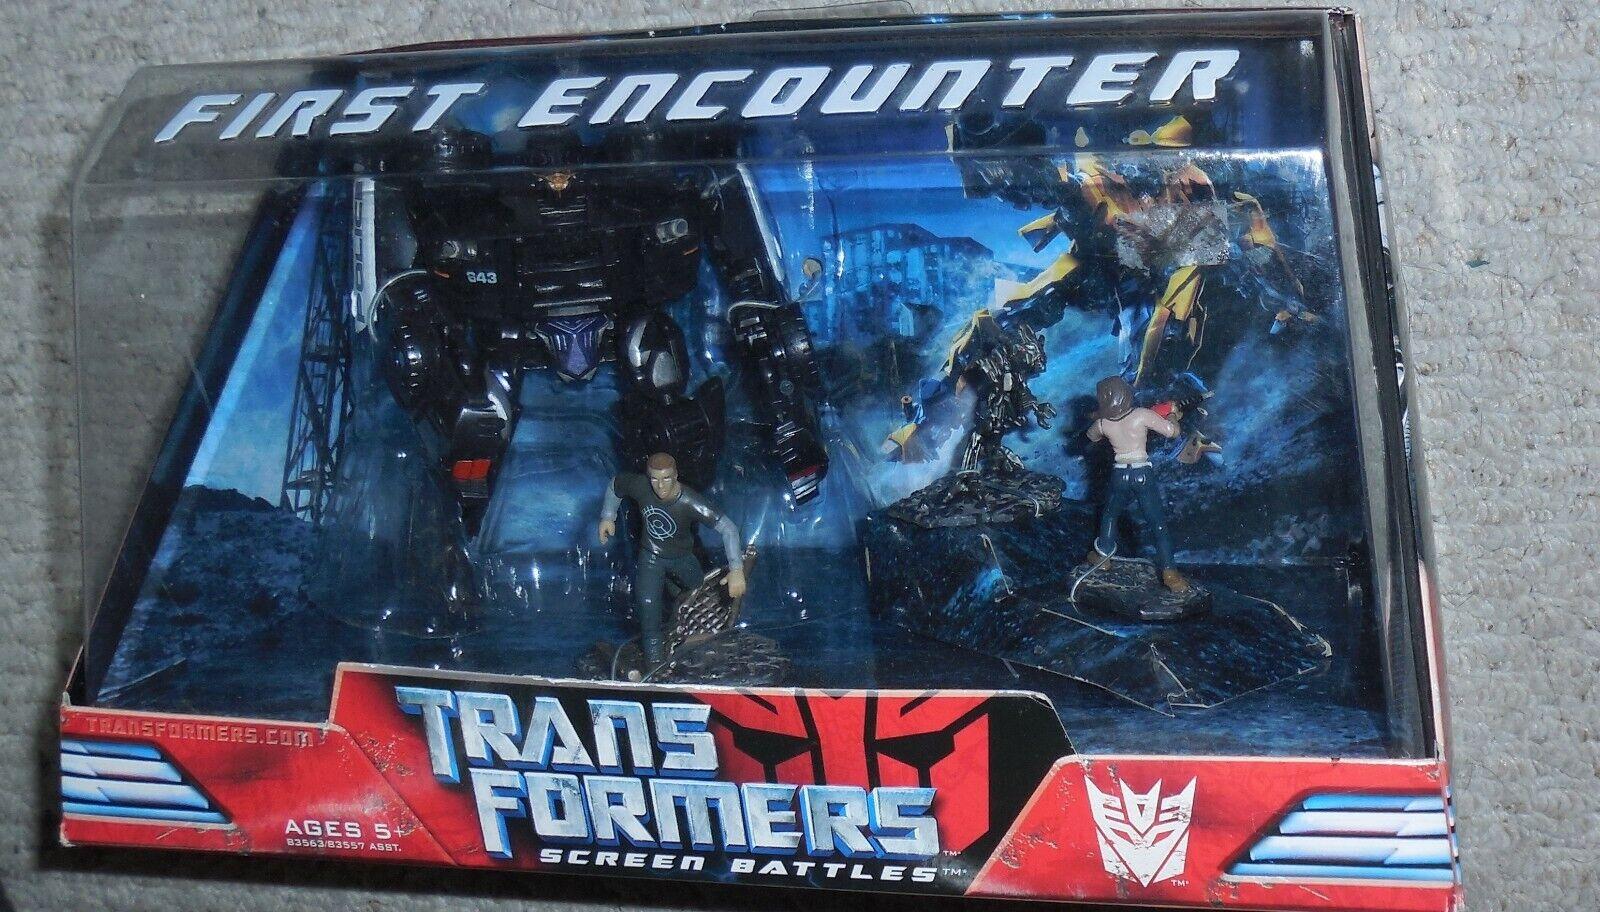 cómodamente Transformers Transformers Transformers Película Pantalla Batallas First Encounter Misb Nuevo Barricada  envío gratuito a nivel mundial